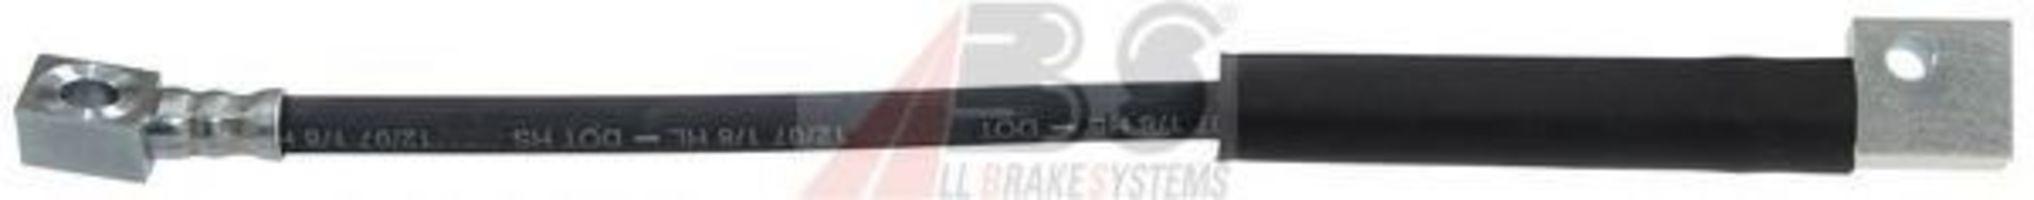 Шланг тормозной A.B.S. SL3392